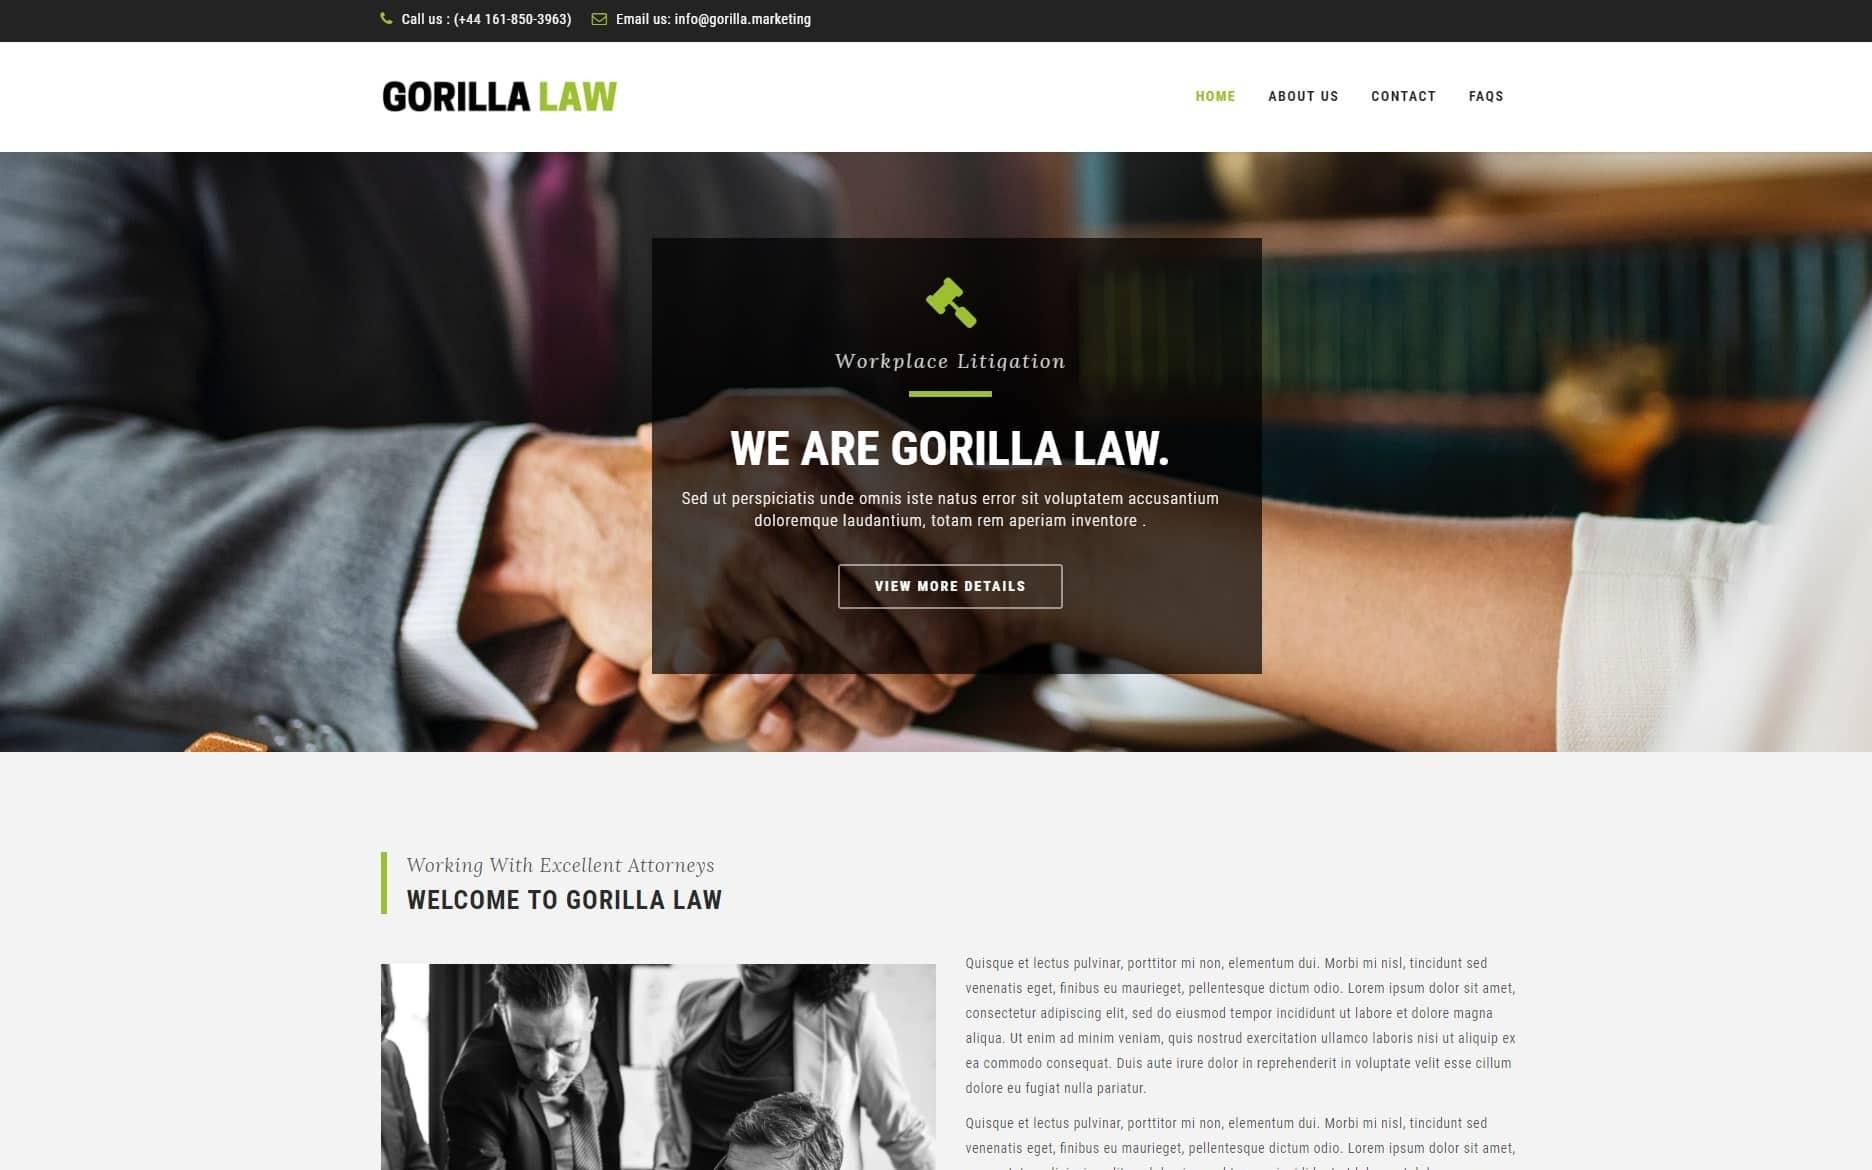 Gorilla Web Design Portfolio 8